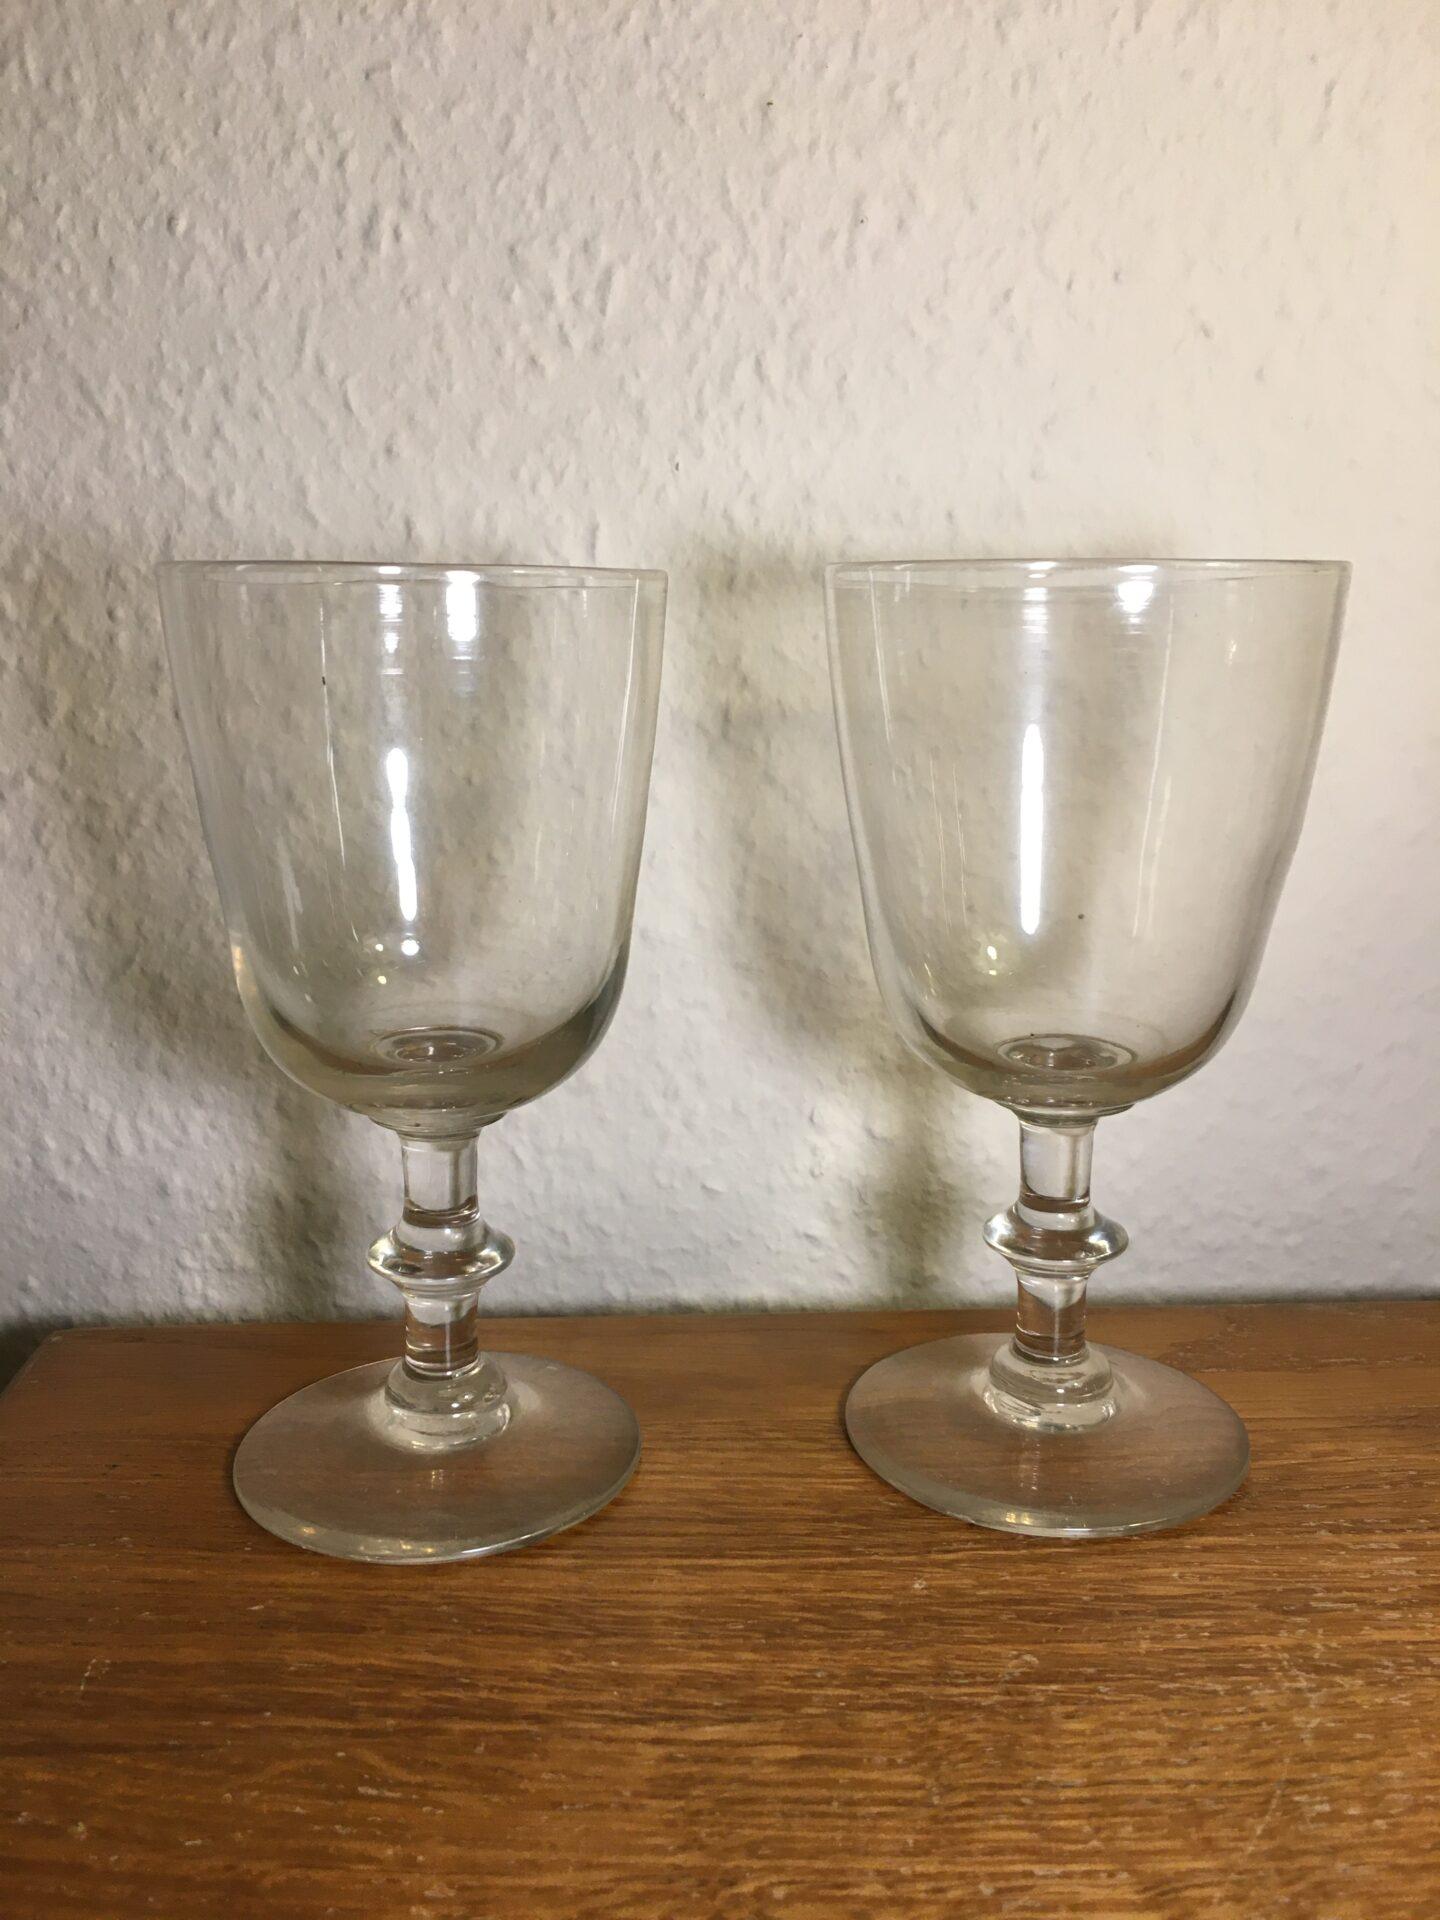 Antikke Berlinois/ Chr. d. 8. drikkeglas, opdrevet og anhæftet, h=15,5 cm. pris pr. stk 200 kr (6 st